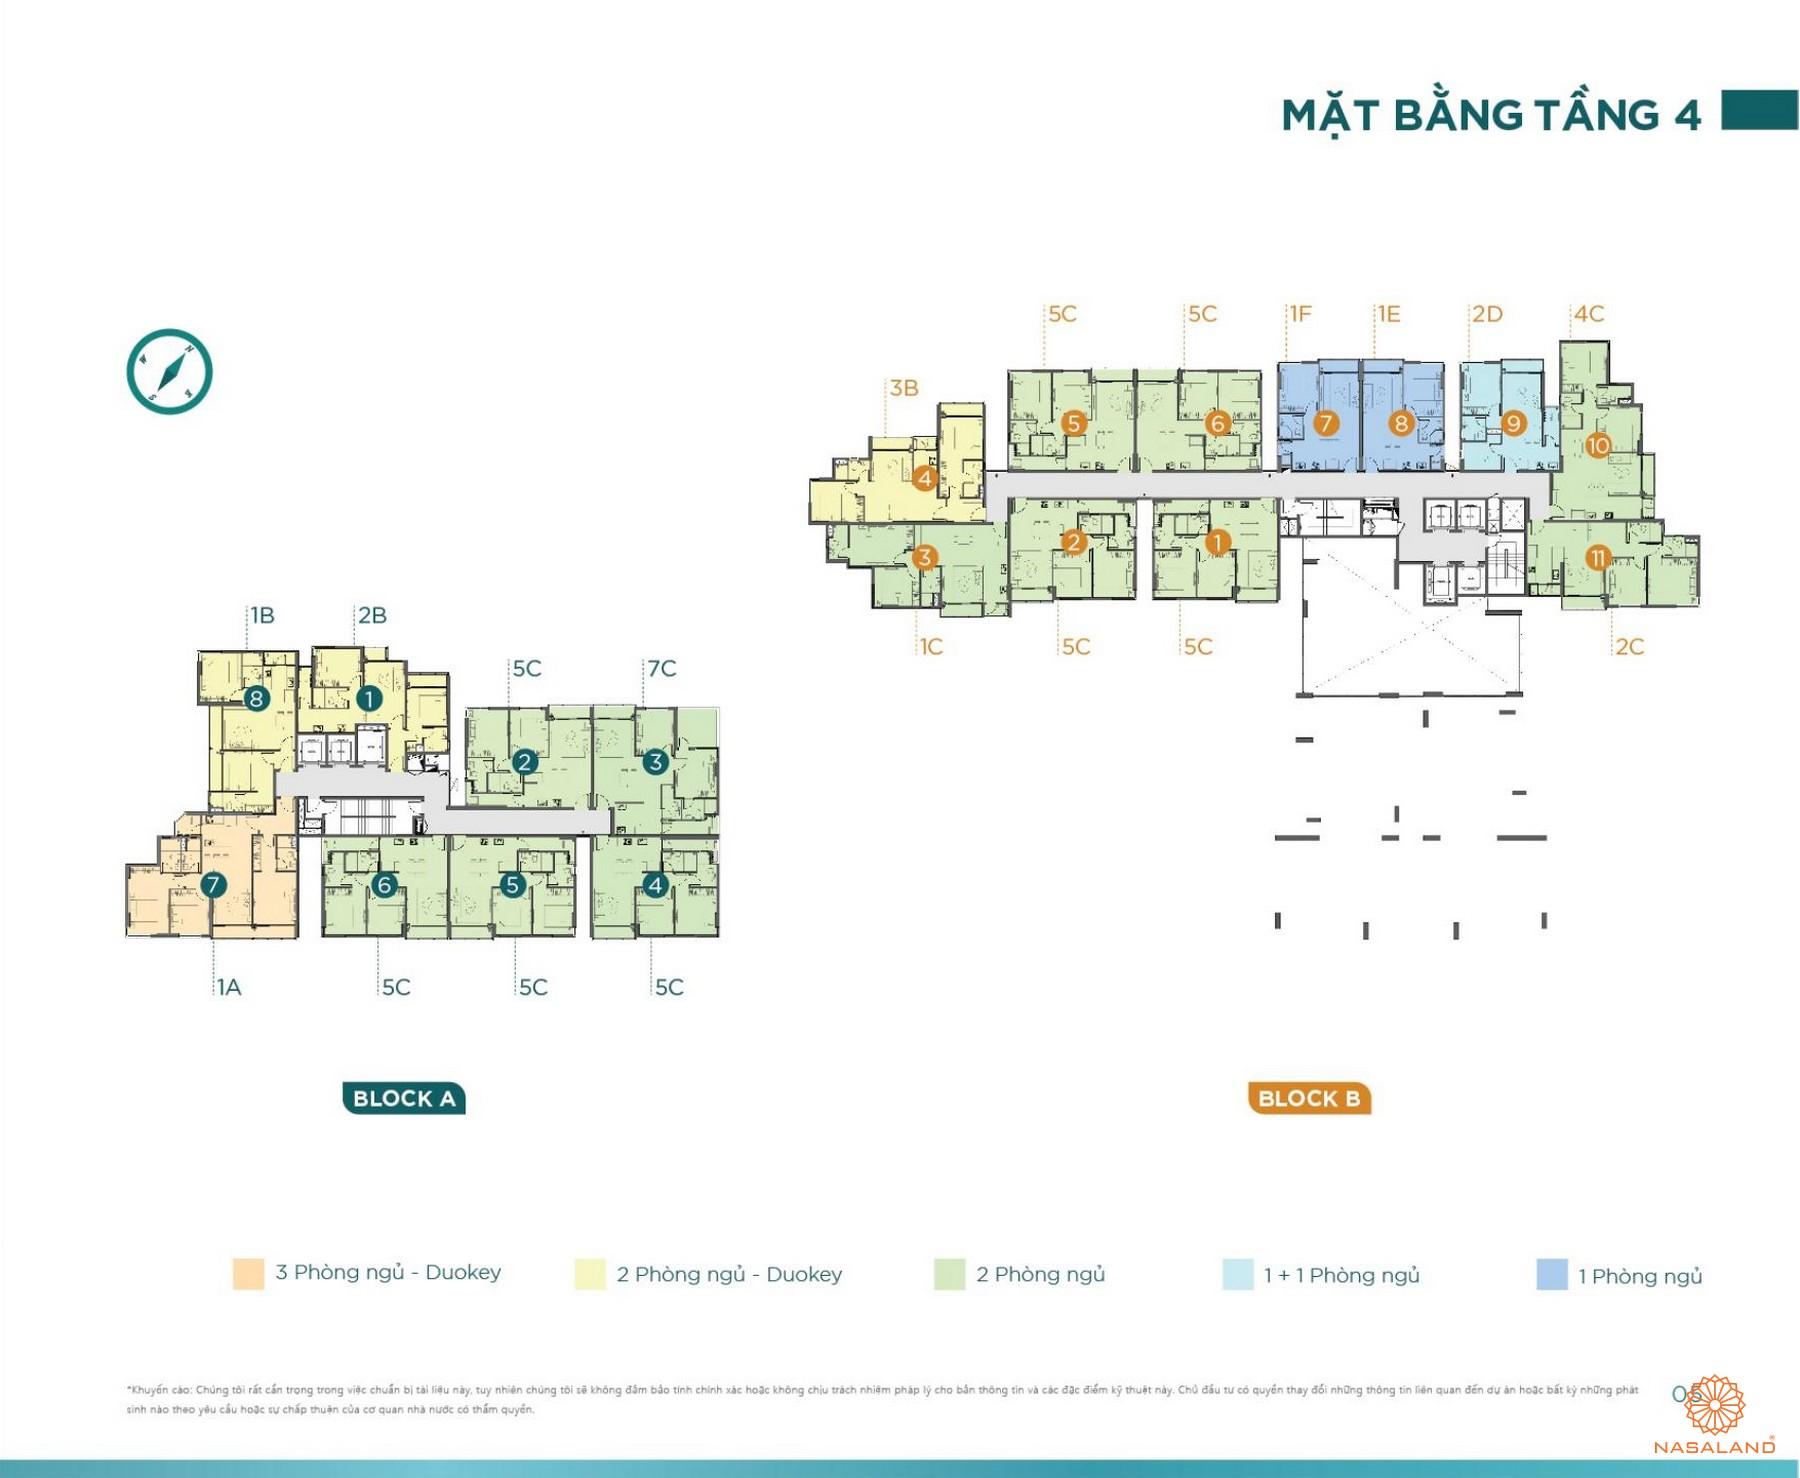 Mặt bằng tầng 4 tiện ích D'lusso Emerald Quận 2